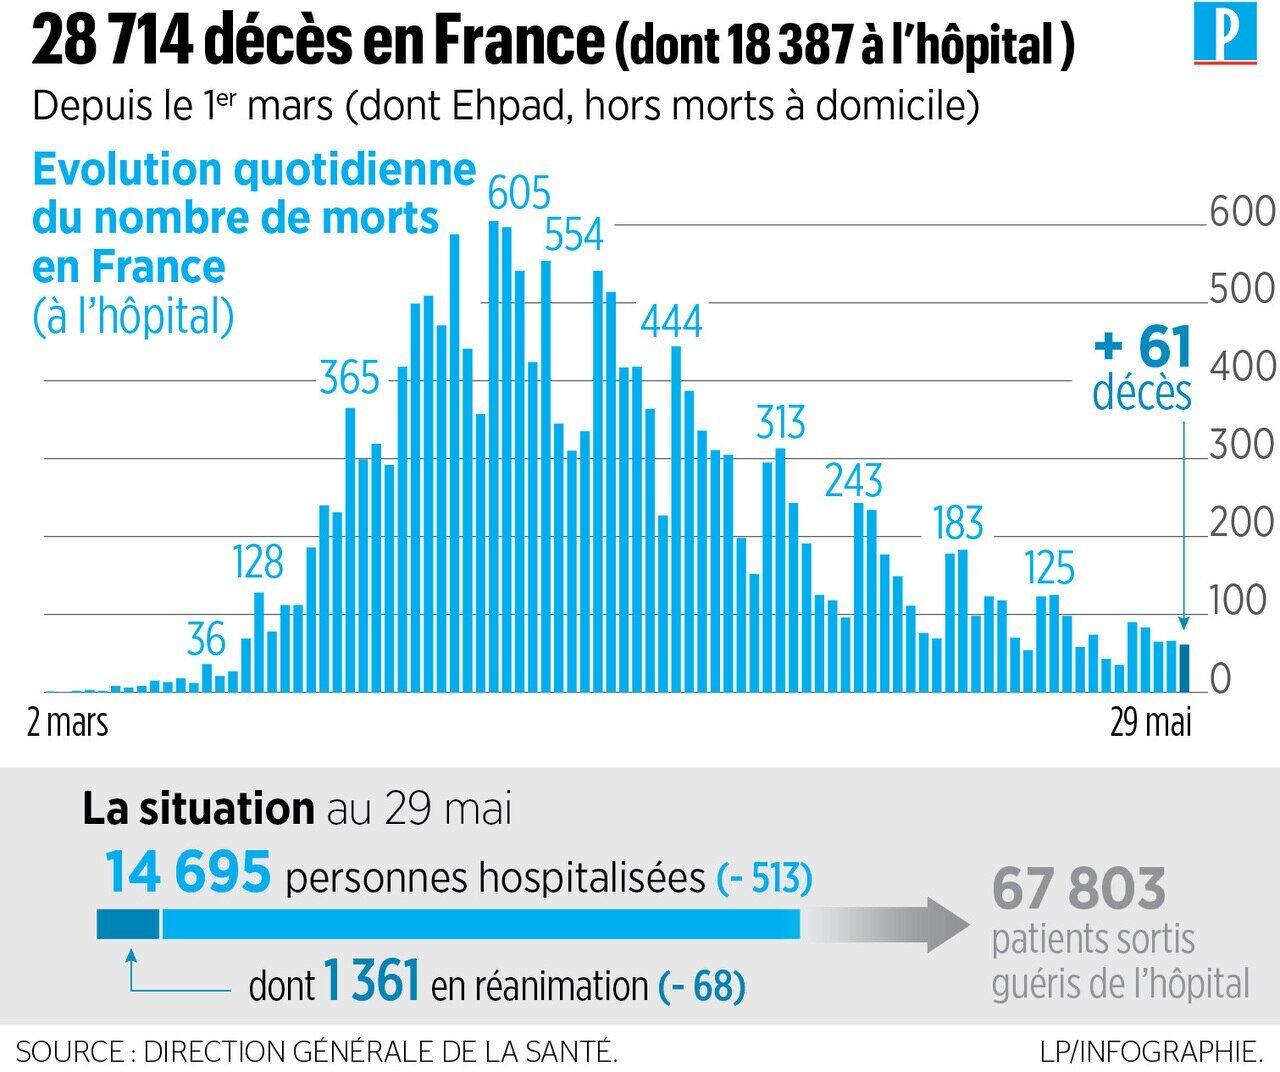 Coronavirus En France 61 Nouveaux Deces A L Hopital 28 714 Morts Depuis Le Debut De L Epidemie Le Parisien